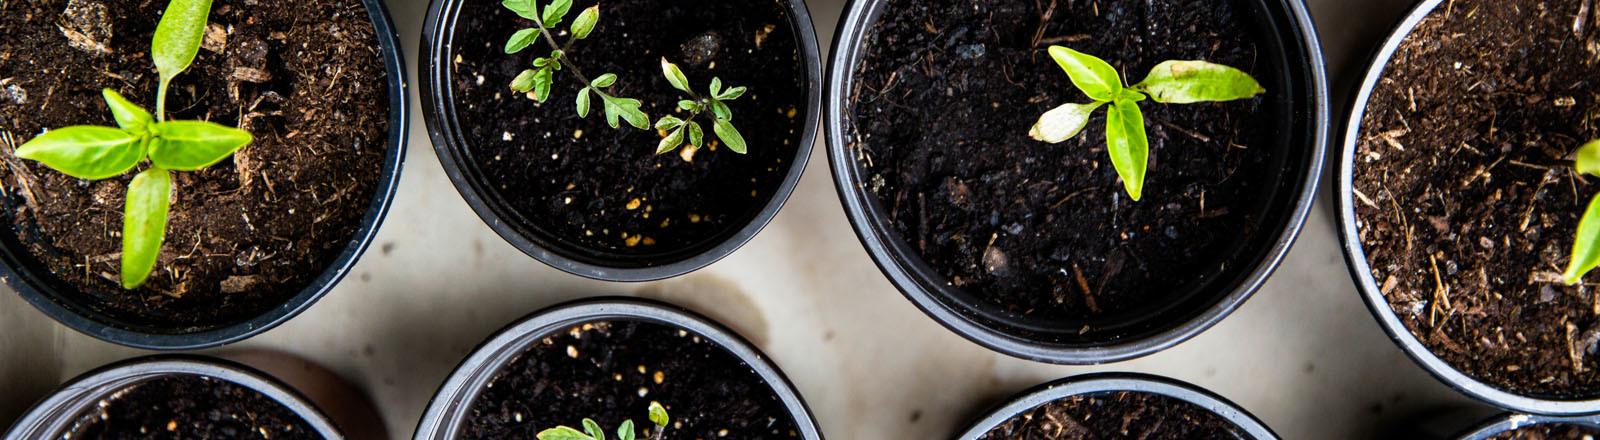 Tomatenpflanzen werden in Topfen vorgezogen